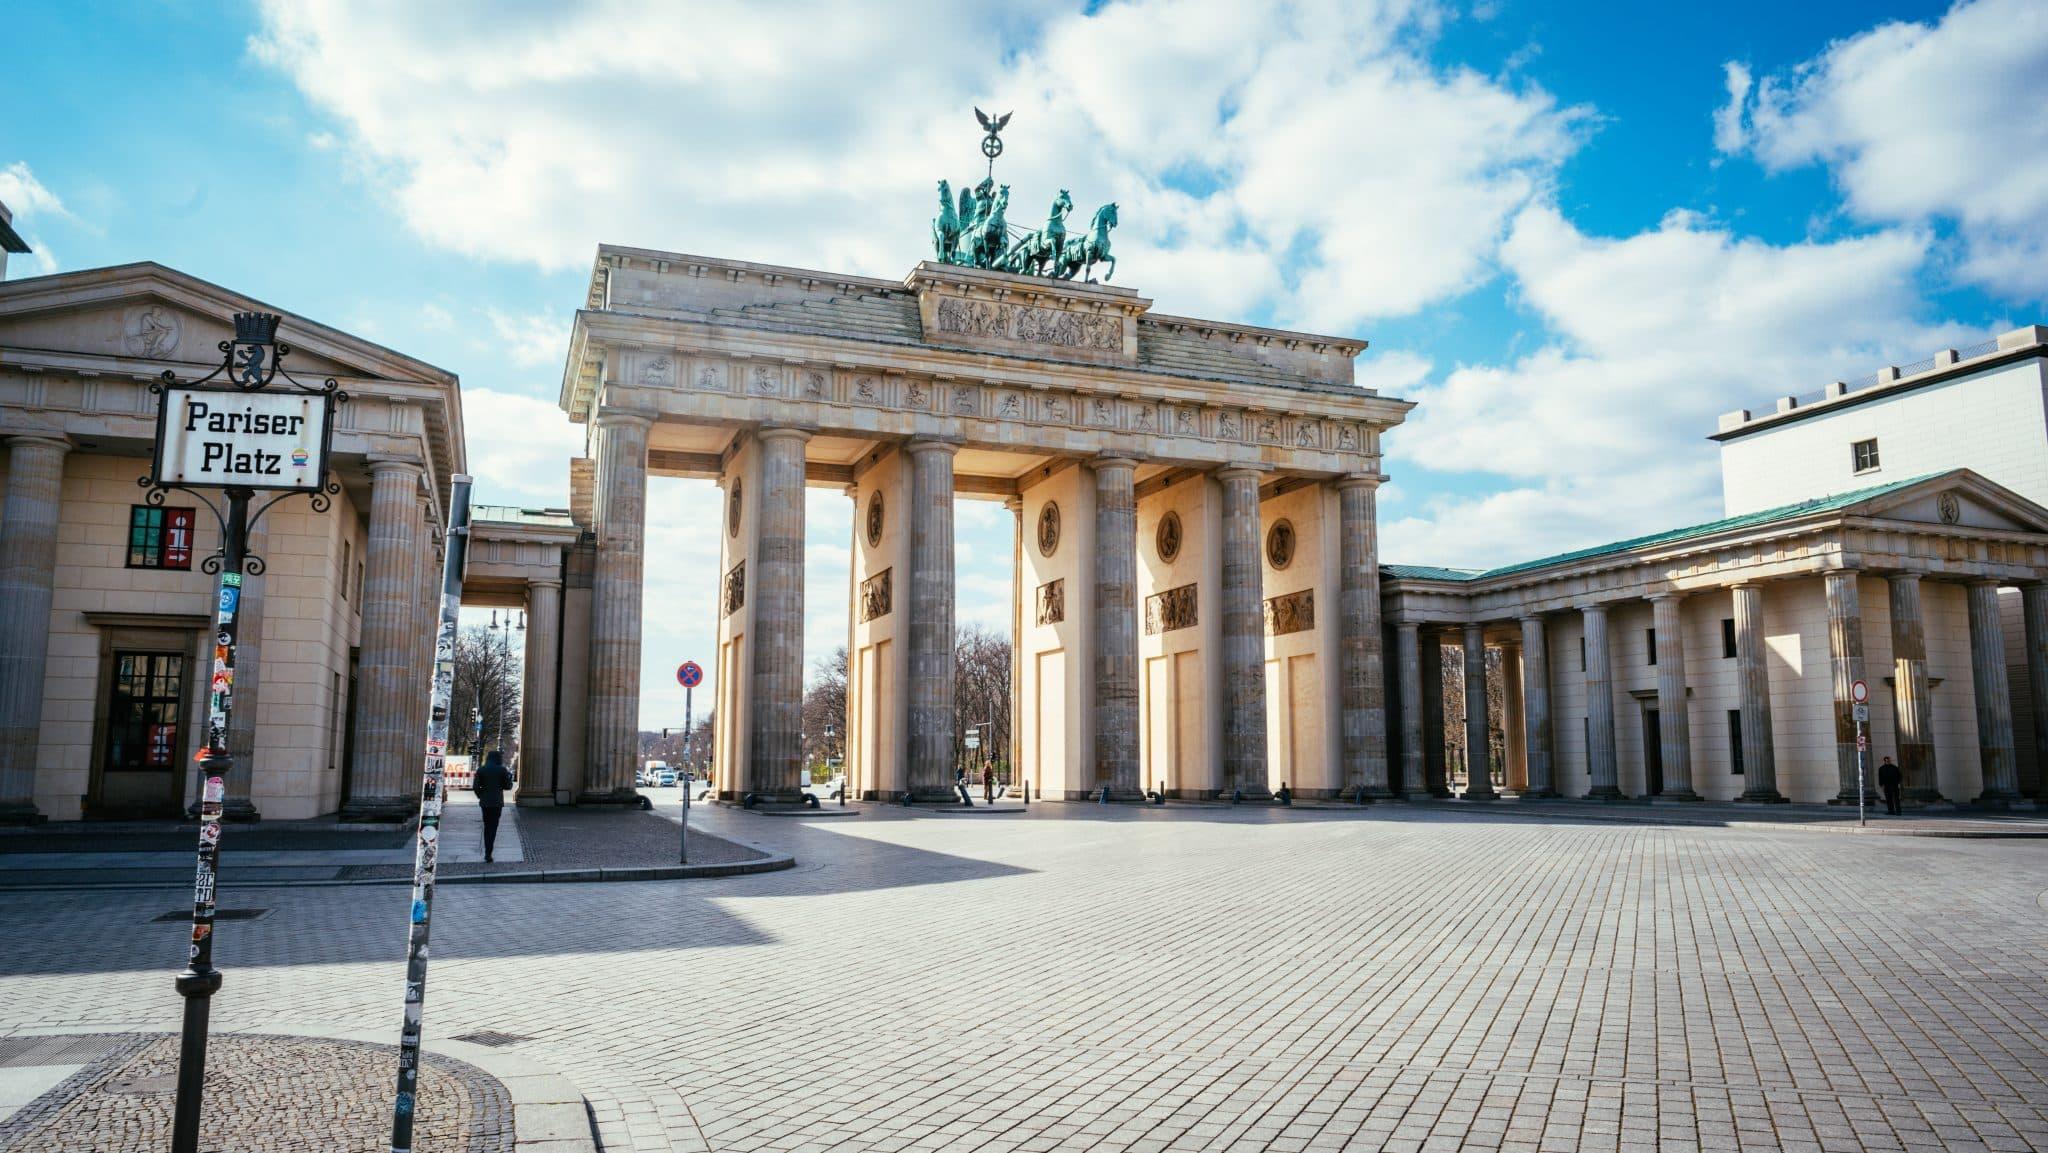 Brandenburg Gate from Pariser Platz